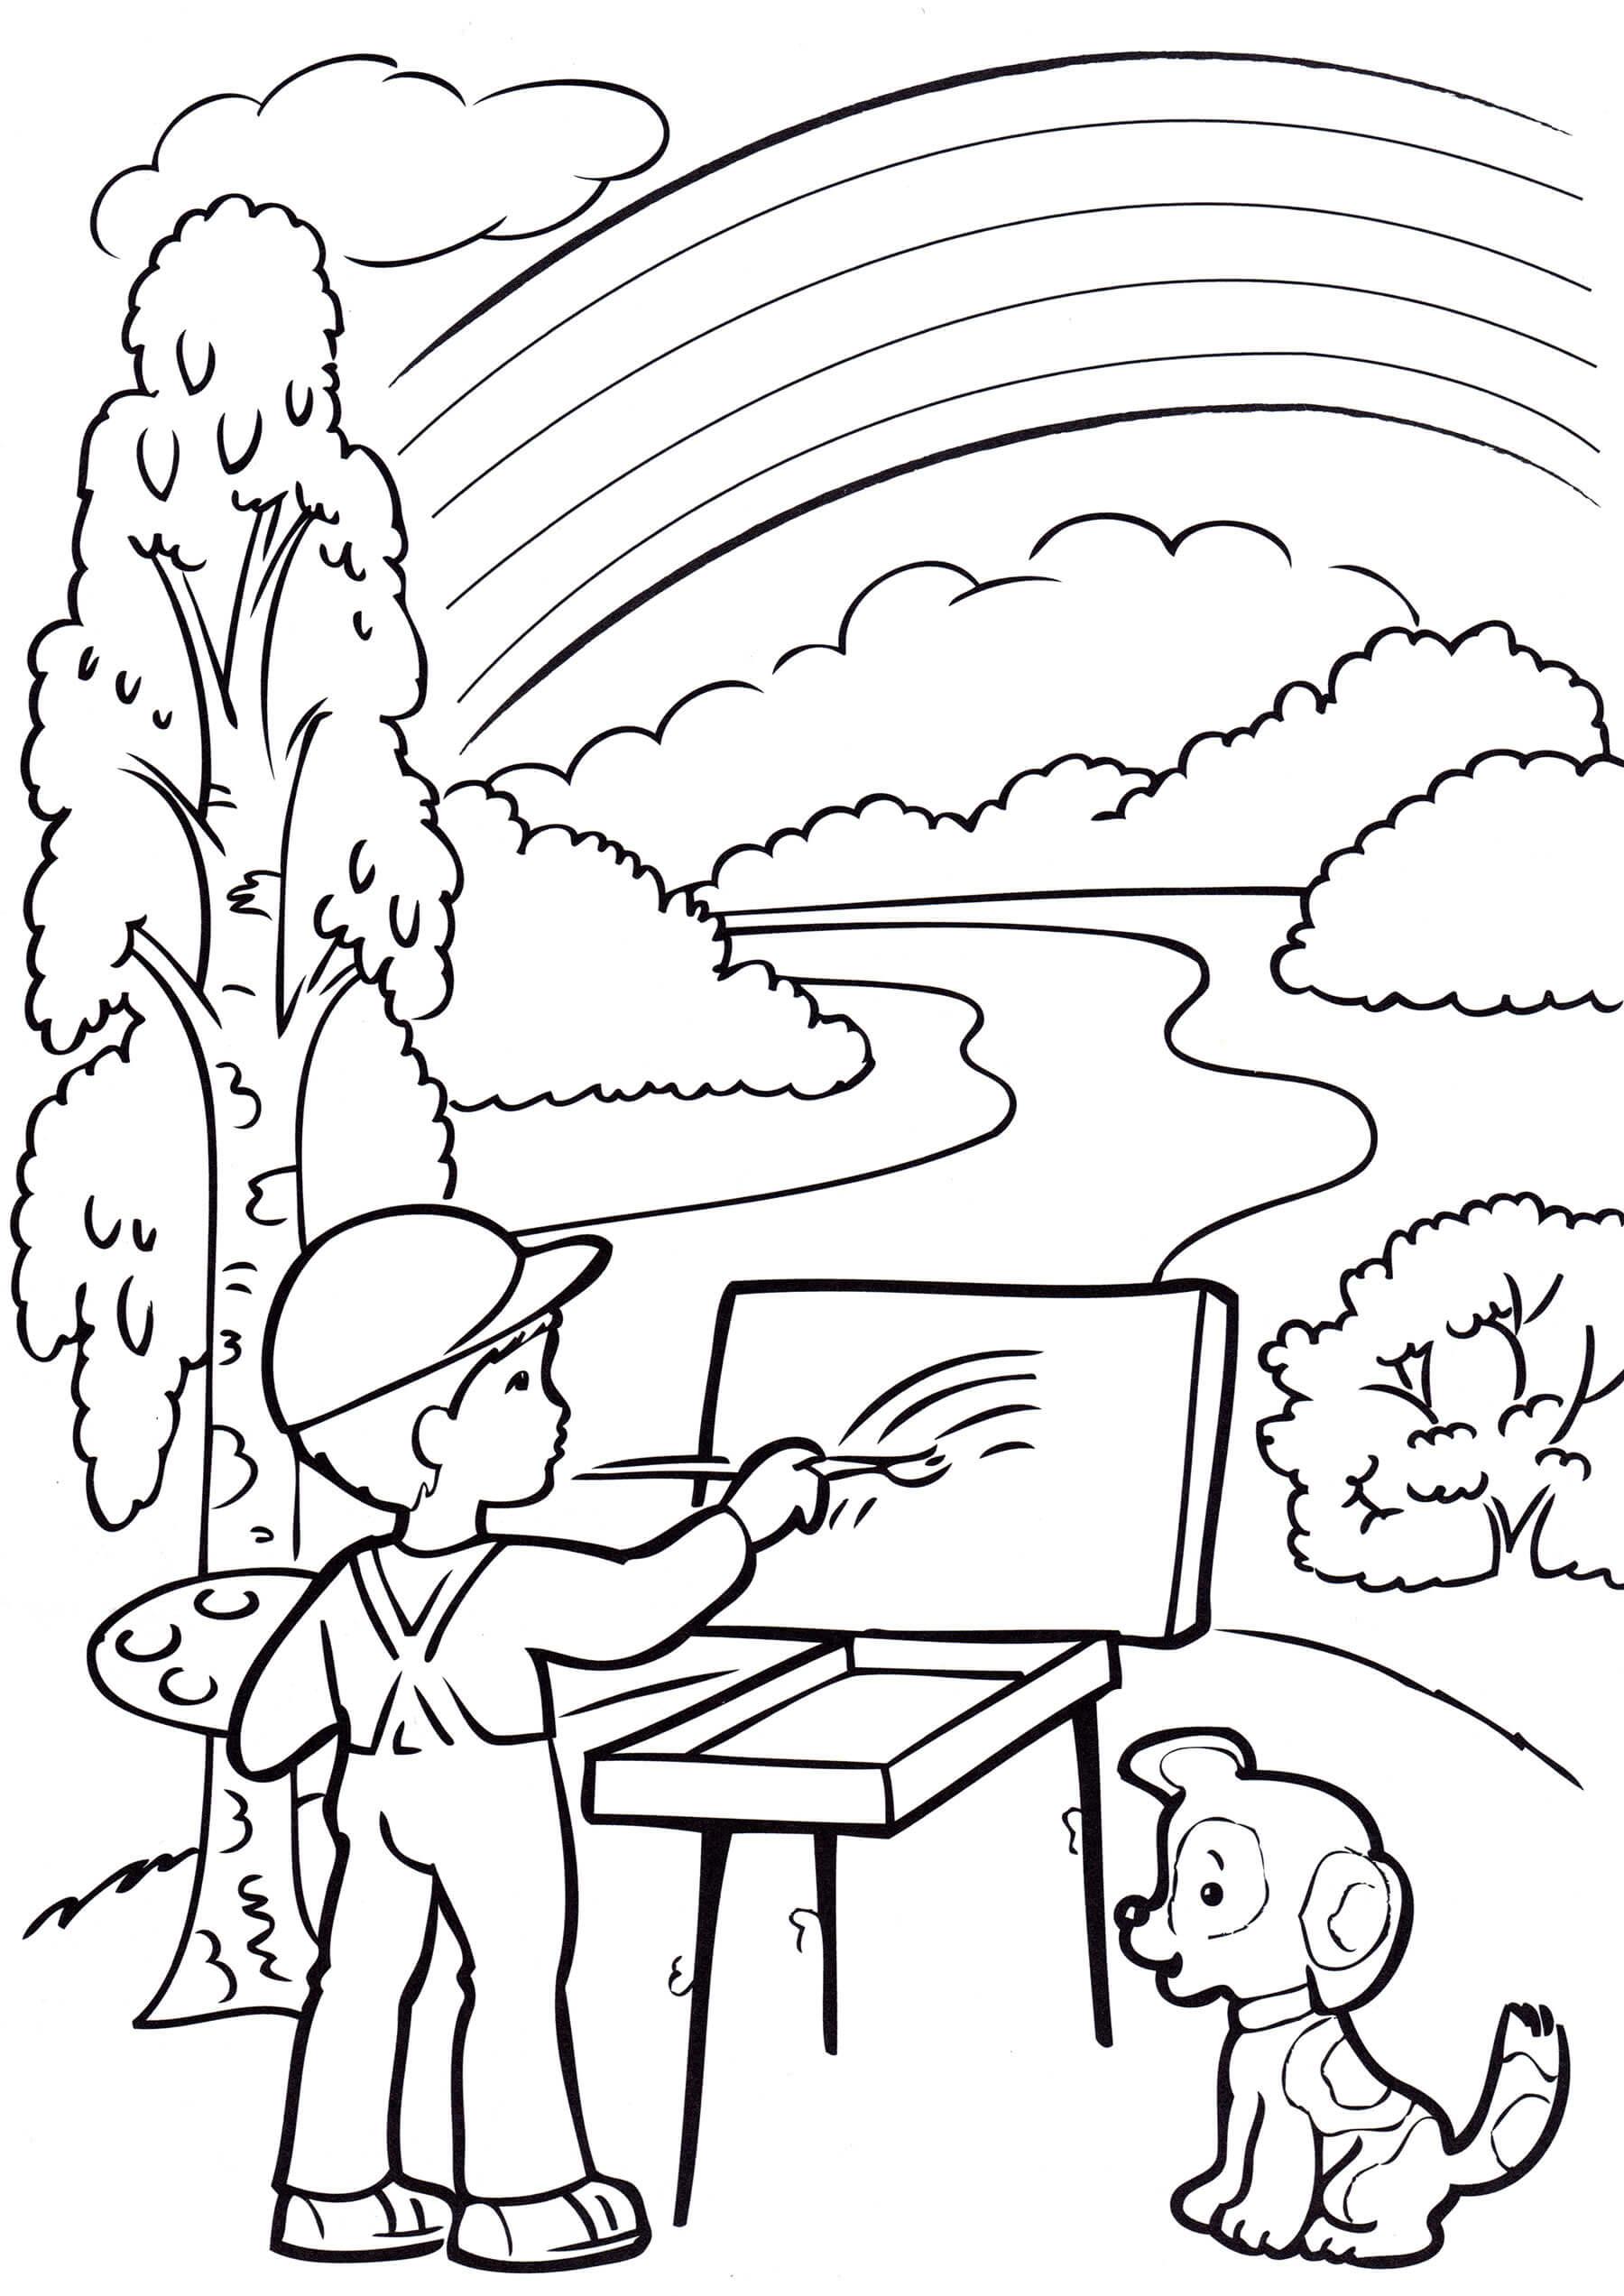 Раскраска Мальчик пишет картину